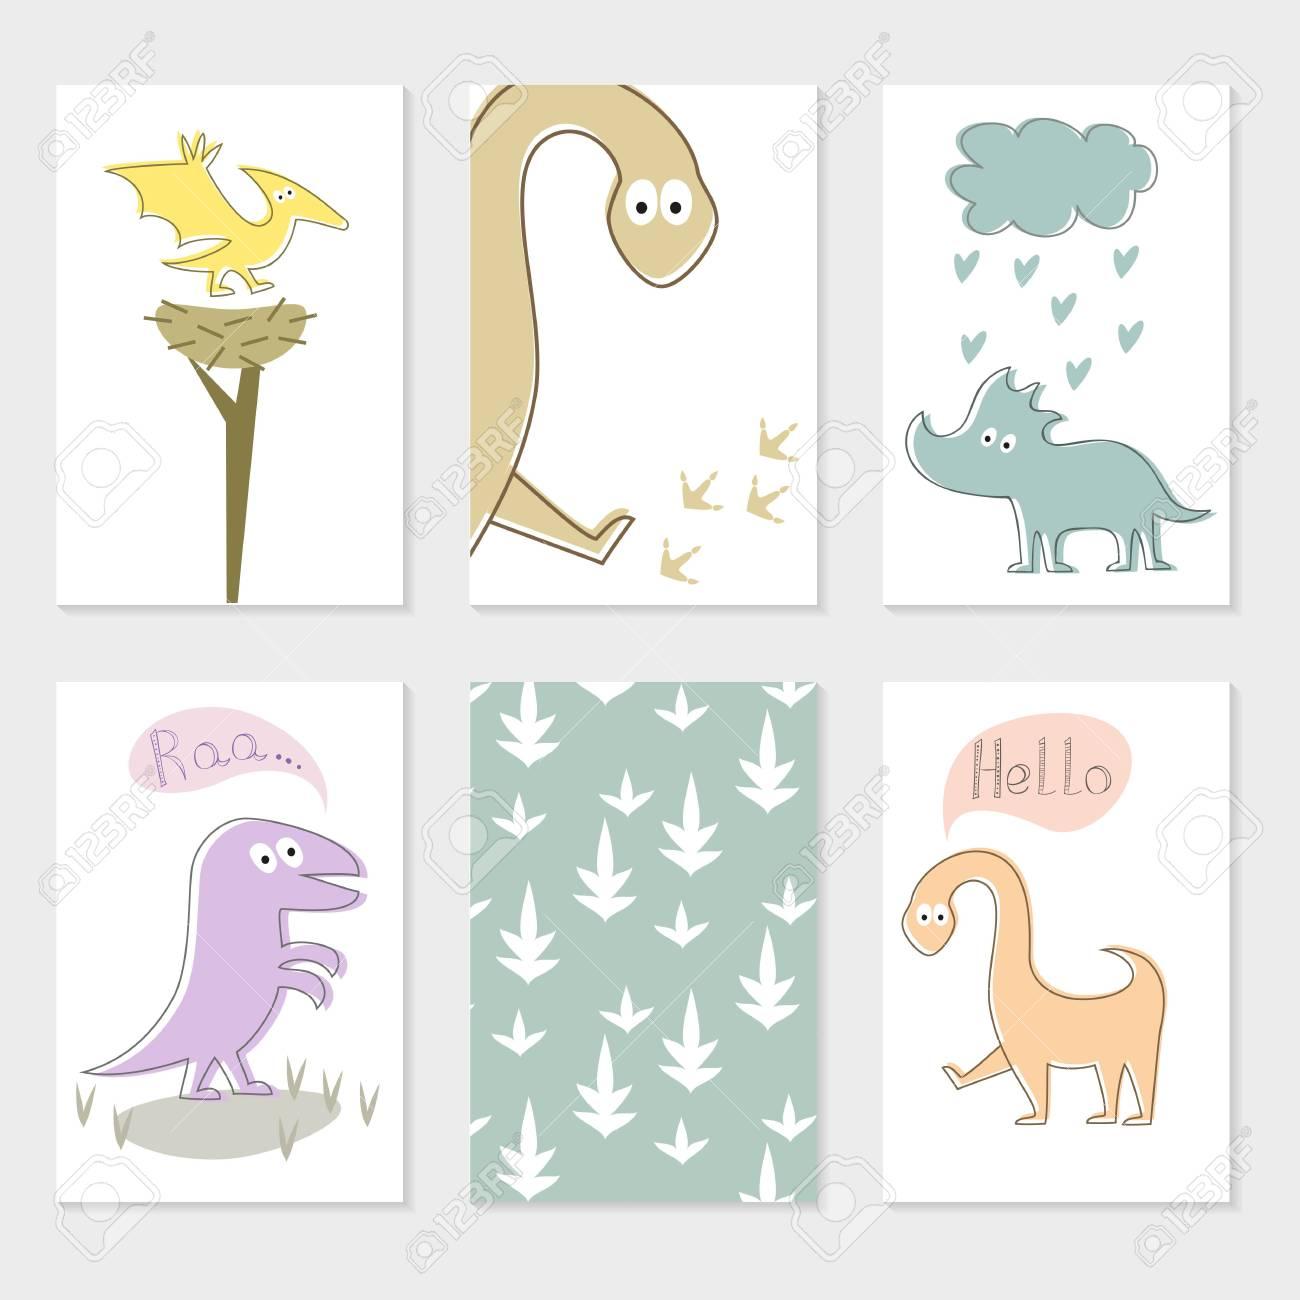 Conjunto De Tarjetas Universales Creativas Artísticas Con Dinosaurios De Dibujos Animados Para Cumpleaños Día De San Valentín Fiesta Invitaciones